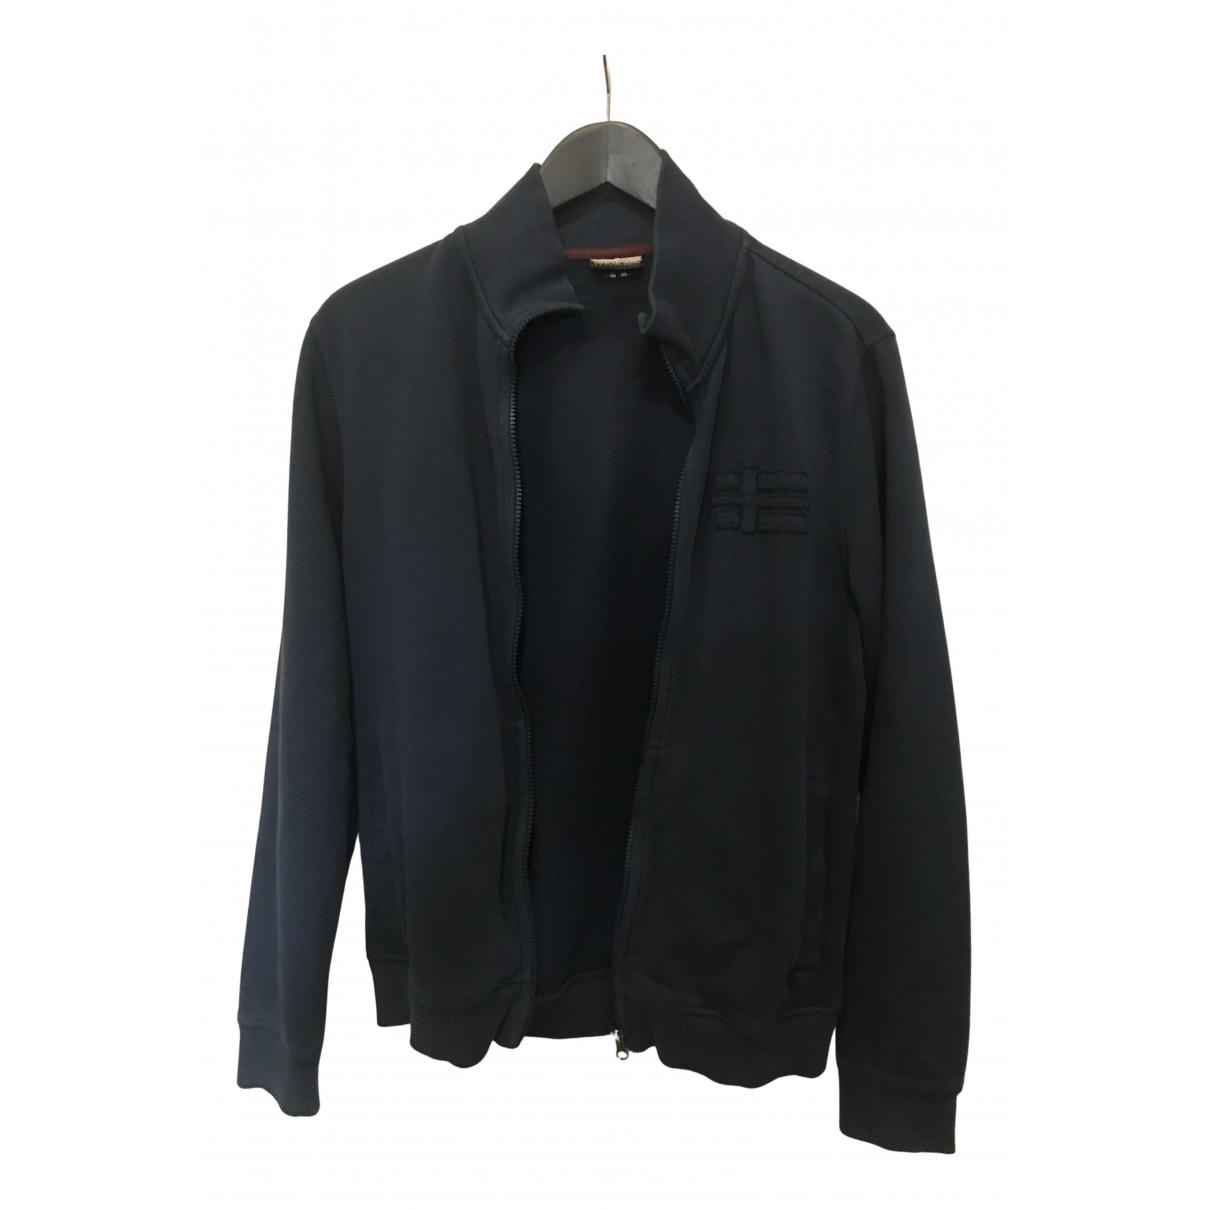 Napapijri N Blue Cotton Knitwear & Sweatshirts for Men S International